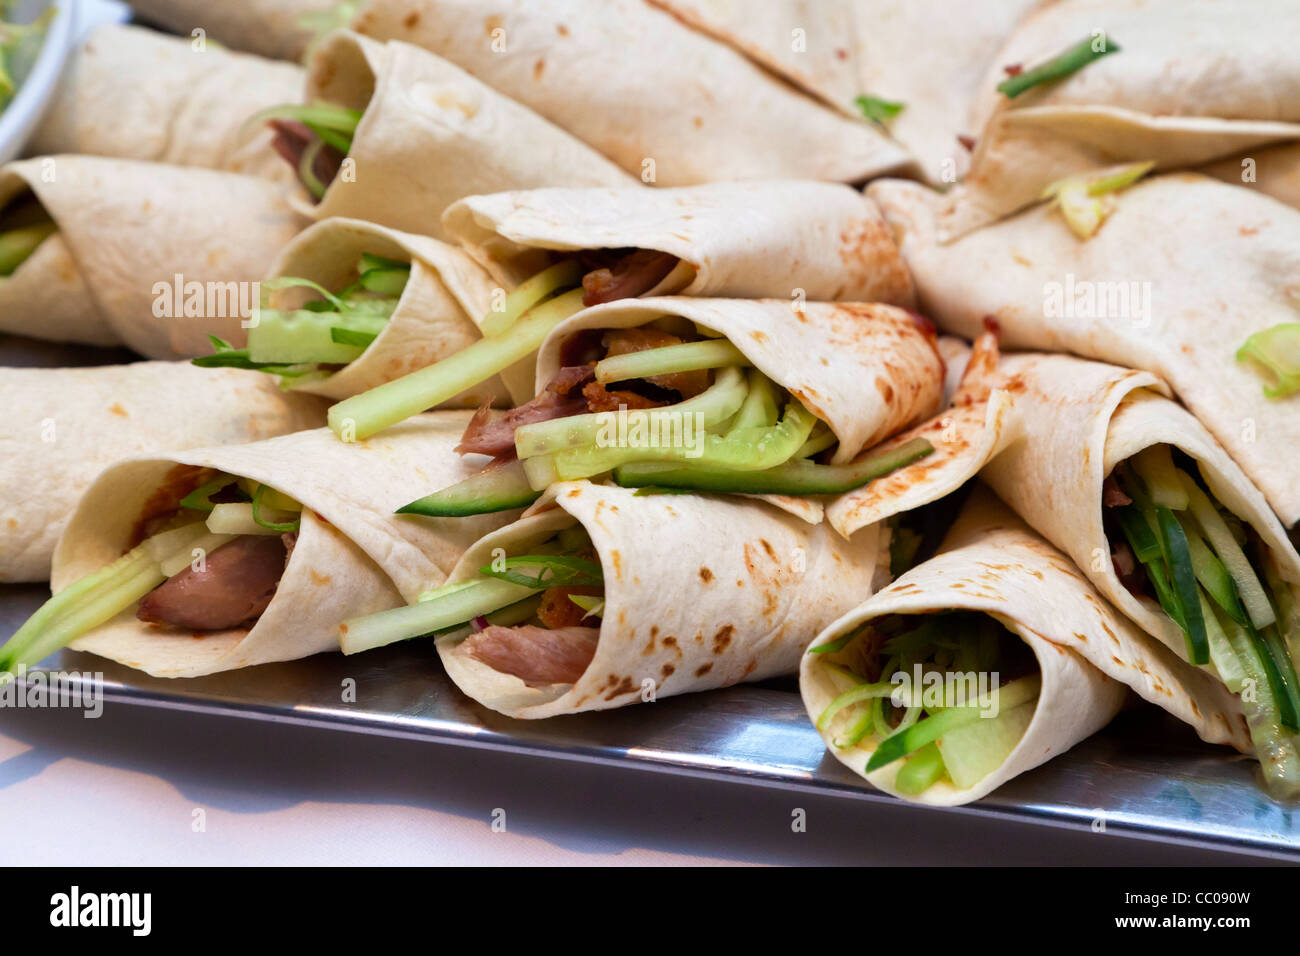 Savory Chinese pancake wraps - Stock Image